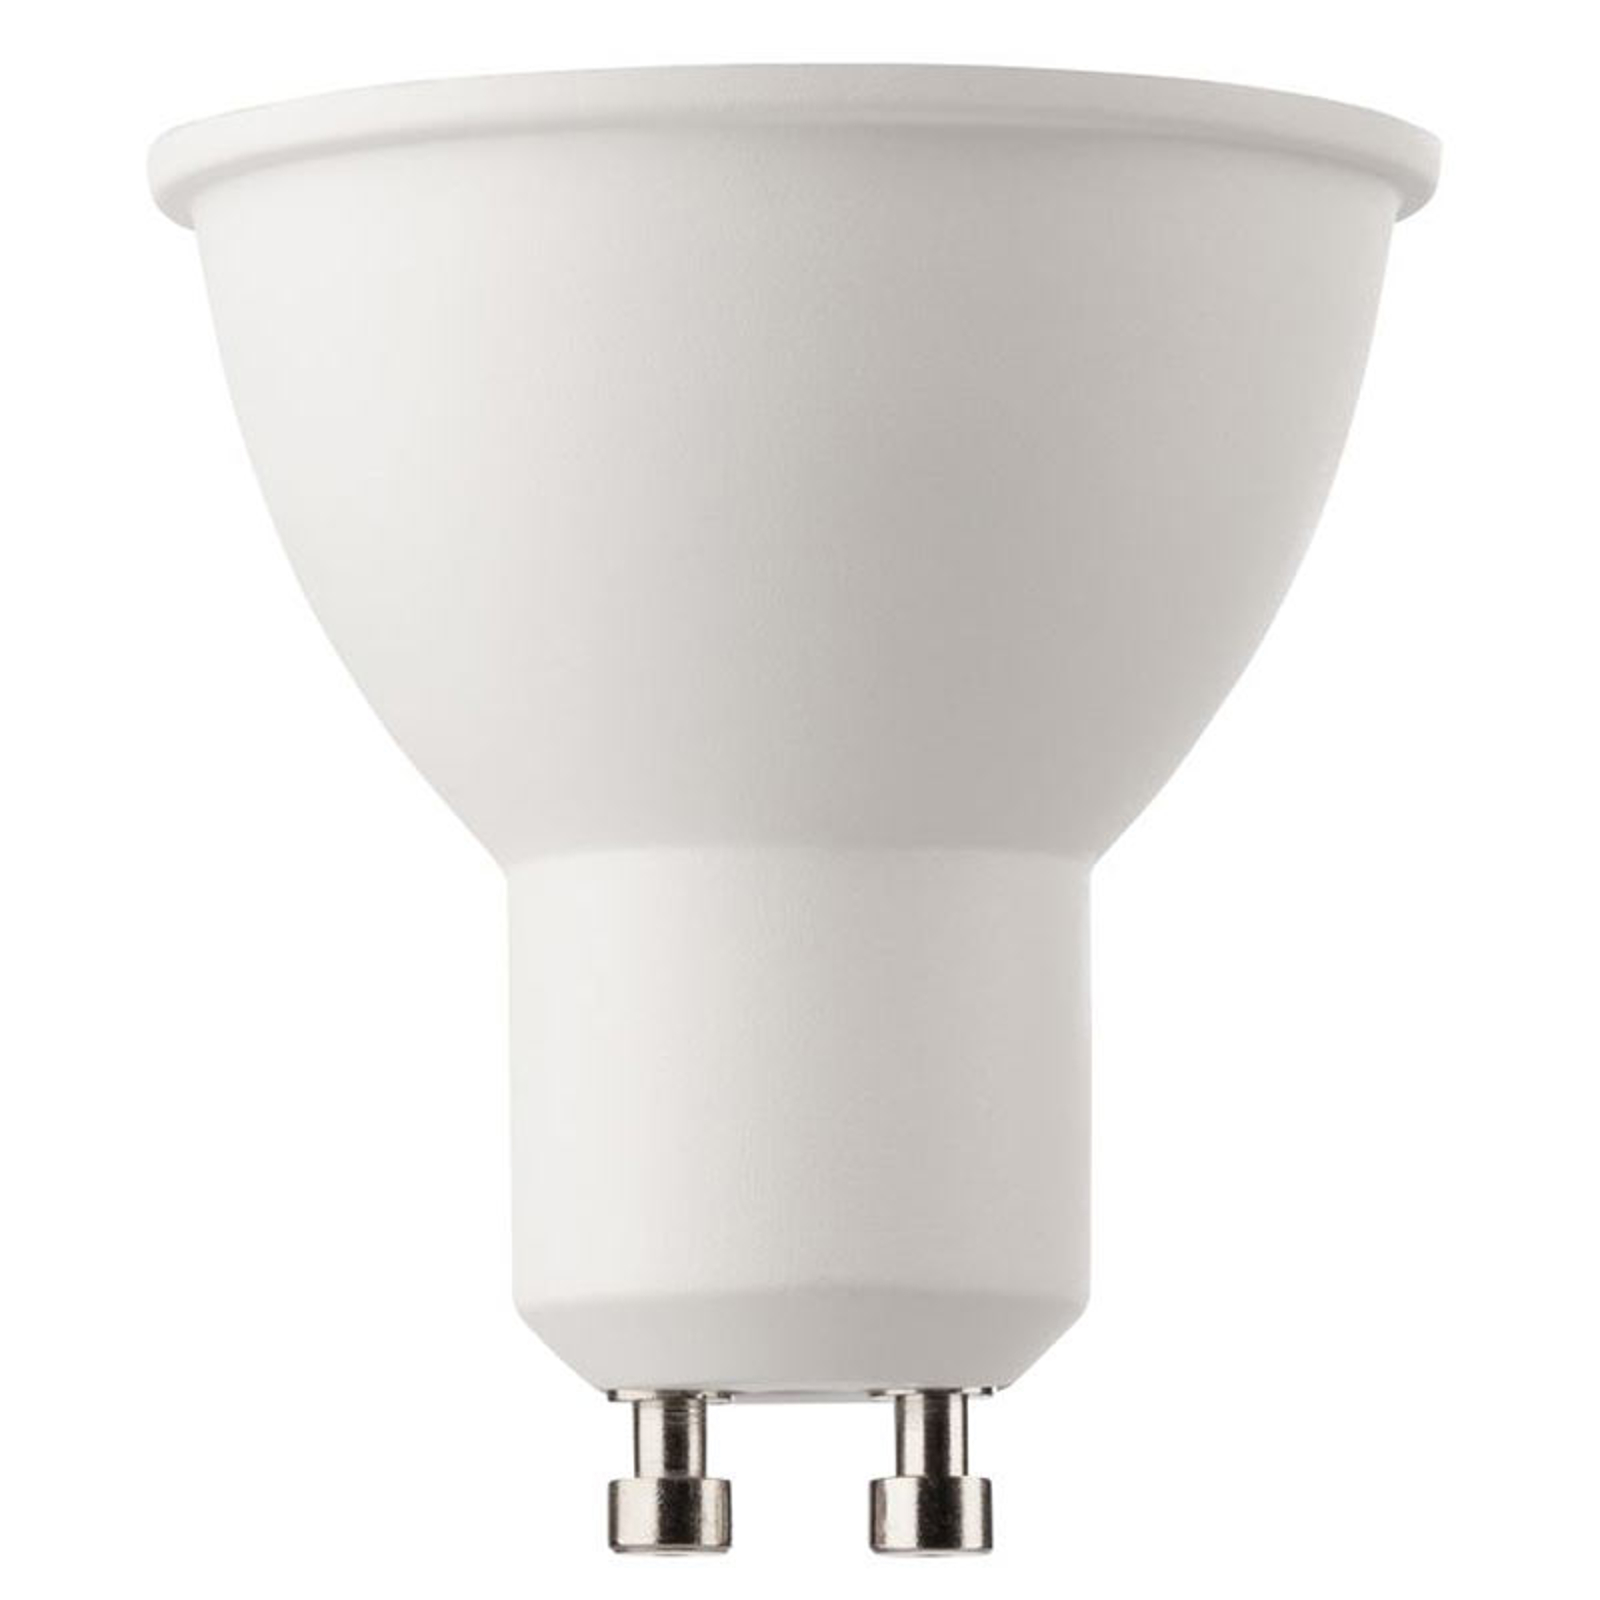 LED-Reflektor GU10 6,5 W warmweiß 380 Lumen Ra95